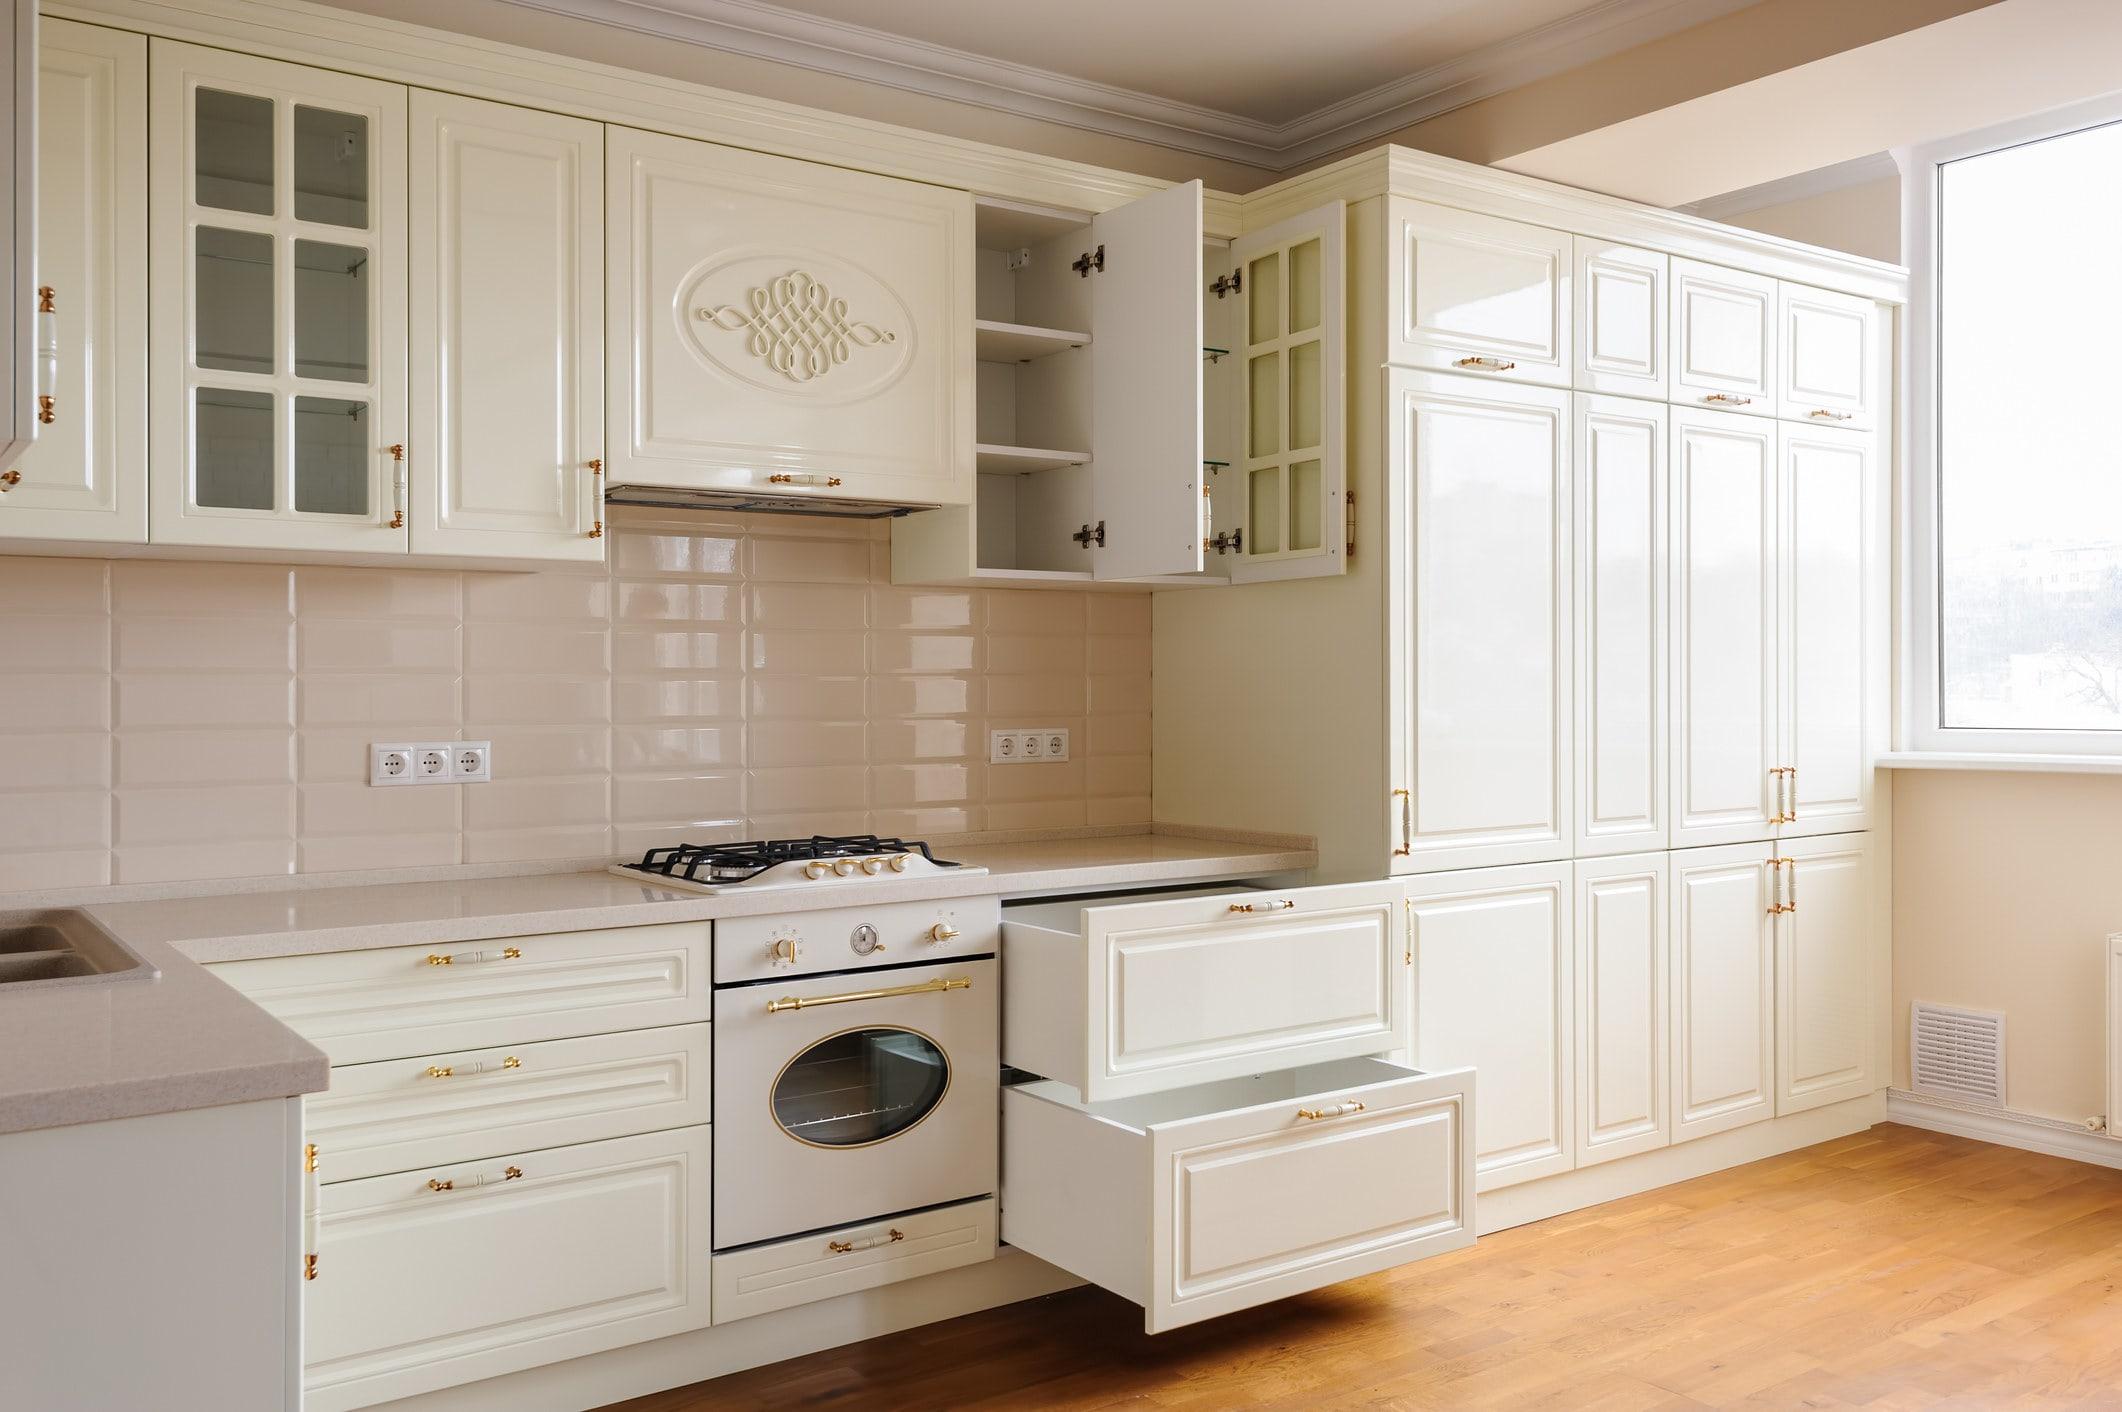 Foto de uma cozinha com armários e gavetas abertas